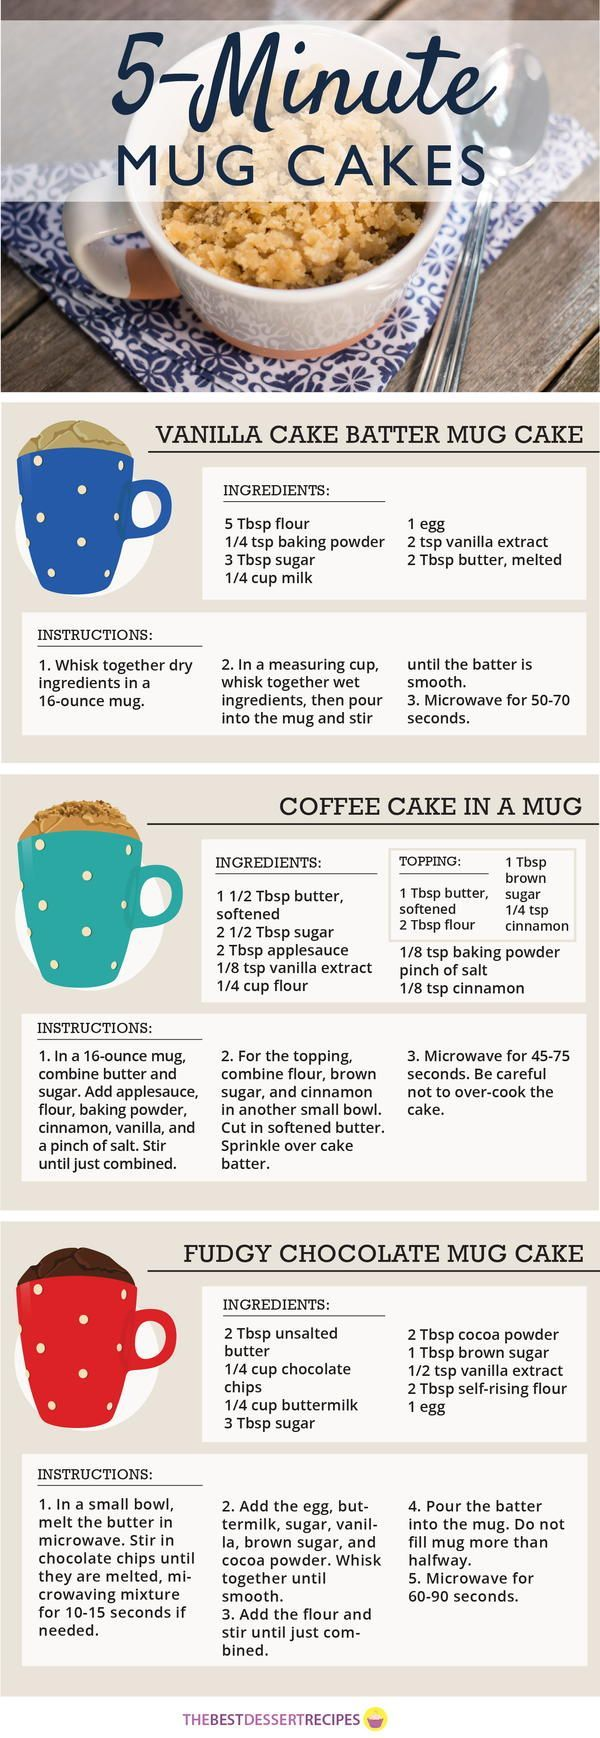 26 Quick and Easy Mug Cake Recipes | Mug recipes, Easy mug ...